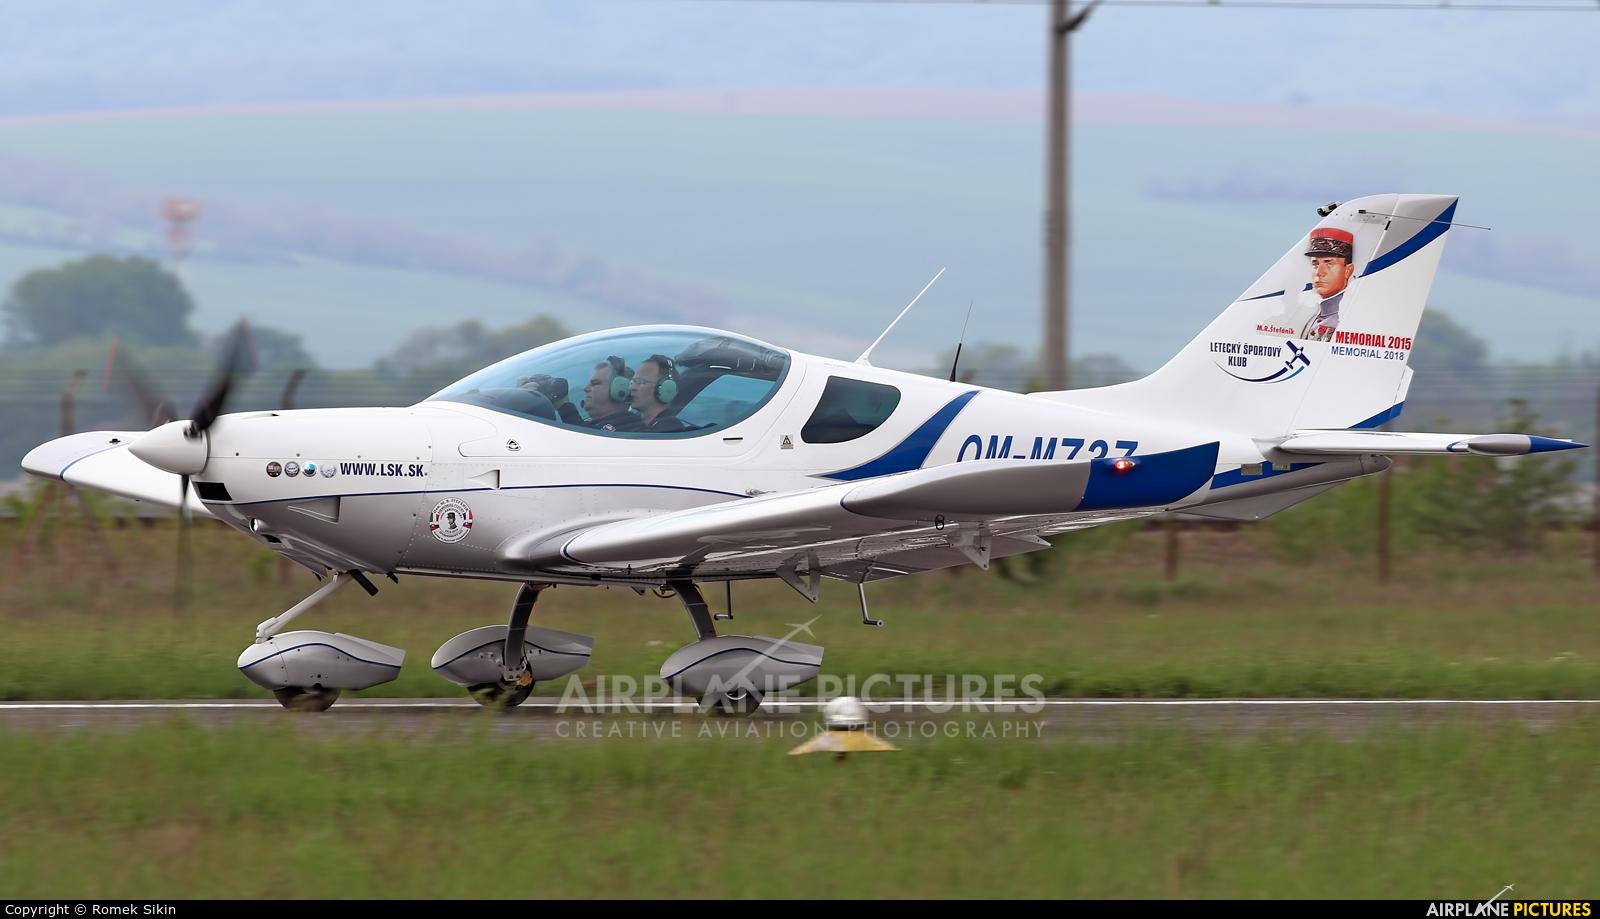 Letecky Sportovy Klub Zvolen OM-M737 aircraft at Piestany